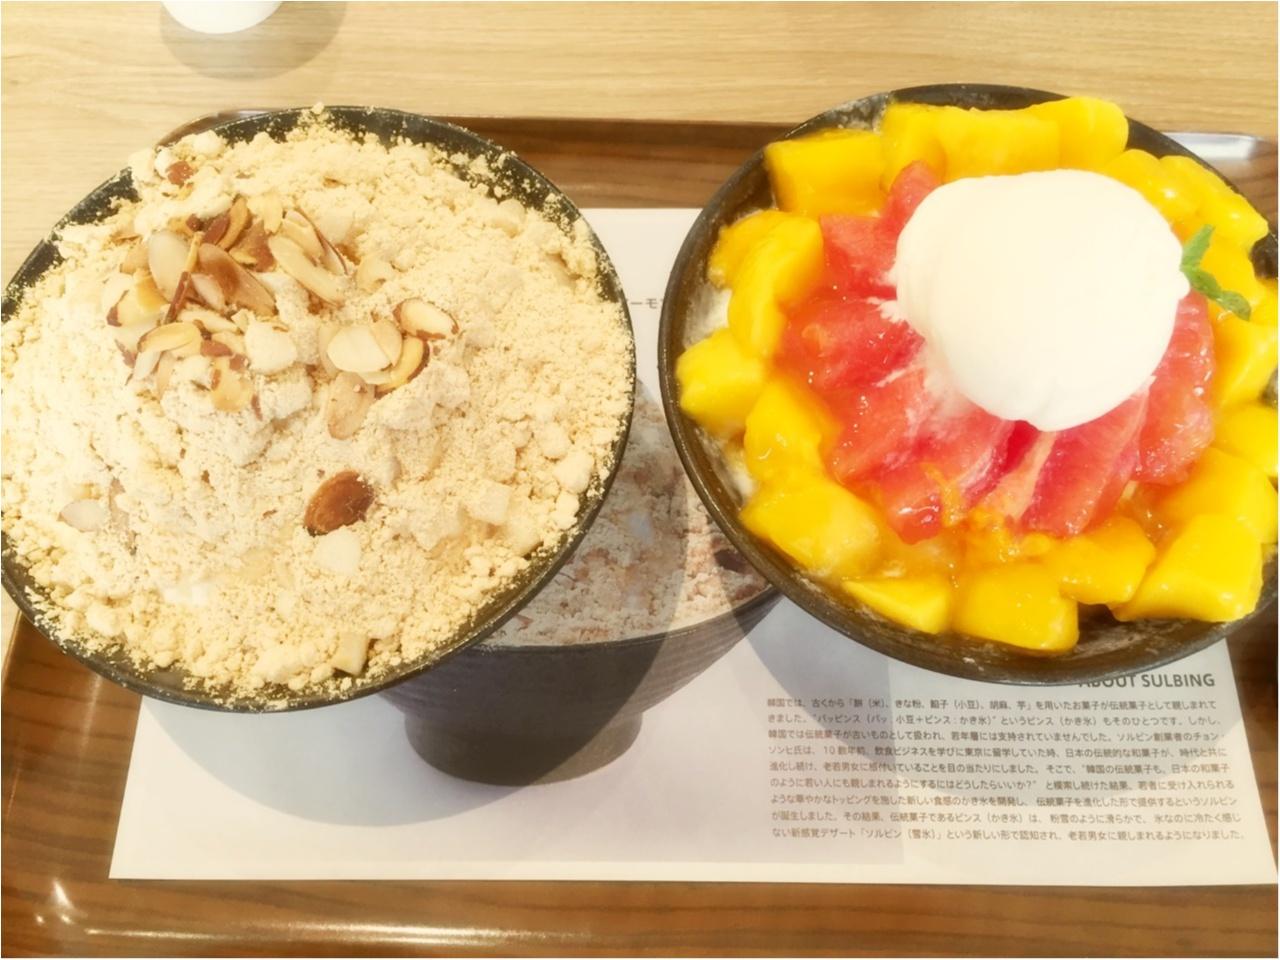 日本初上陸!韓国の人気かき氷店『ソルビン』が熱い!!!気になる待ち時間と人気メニューをチェック♡*_6